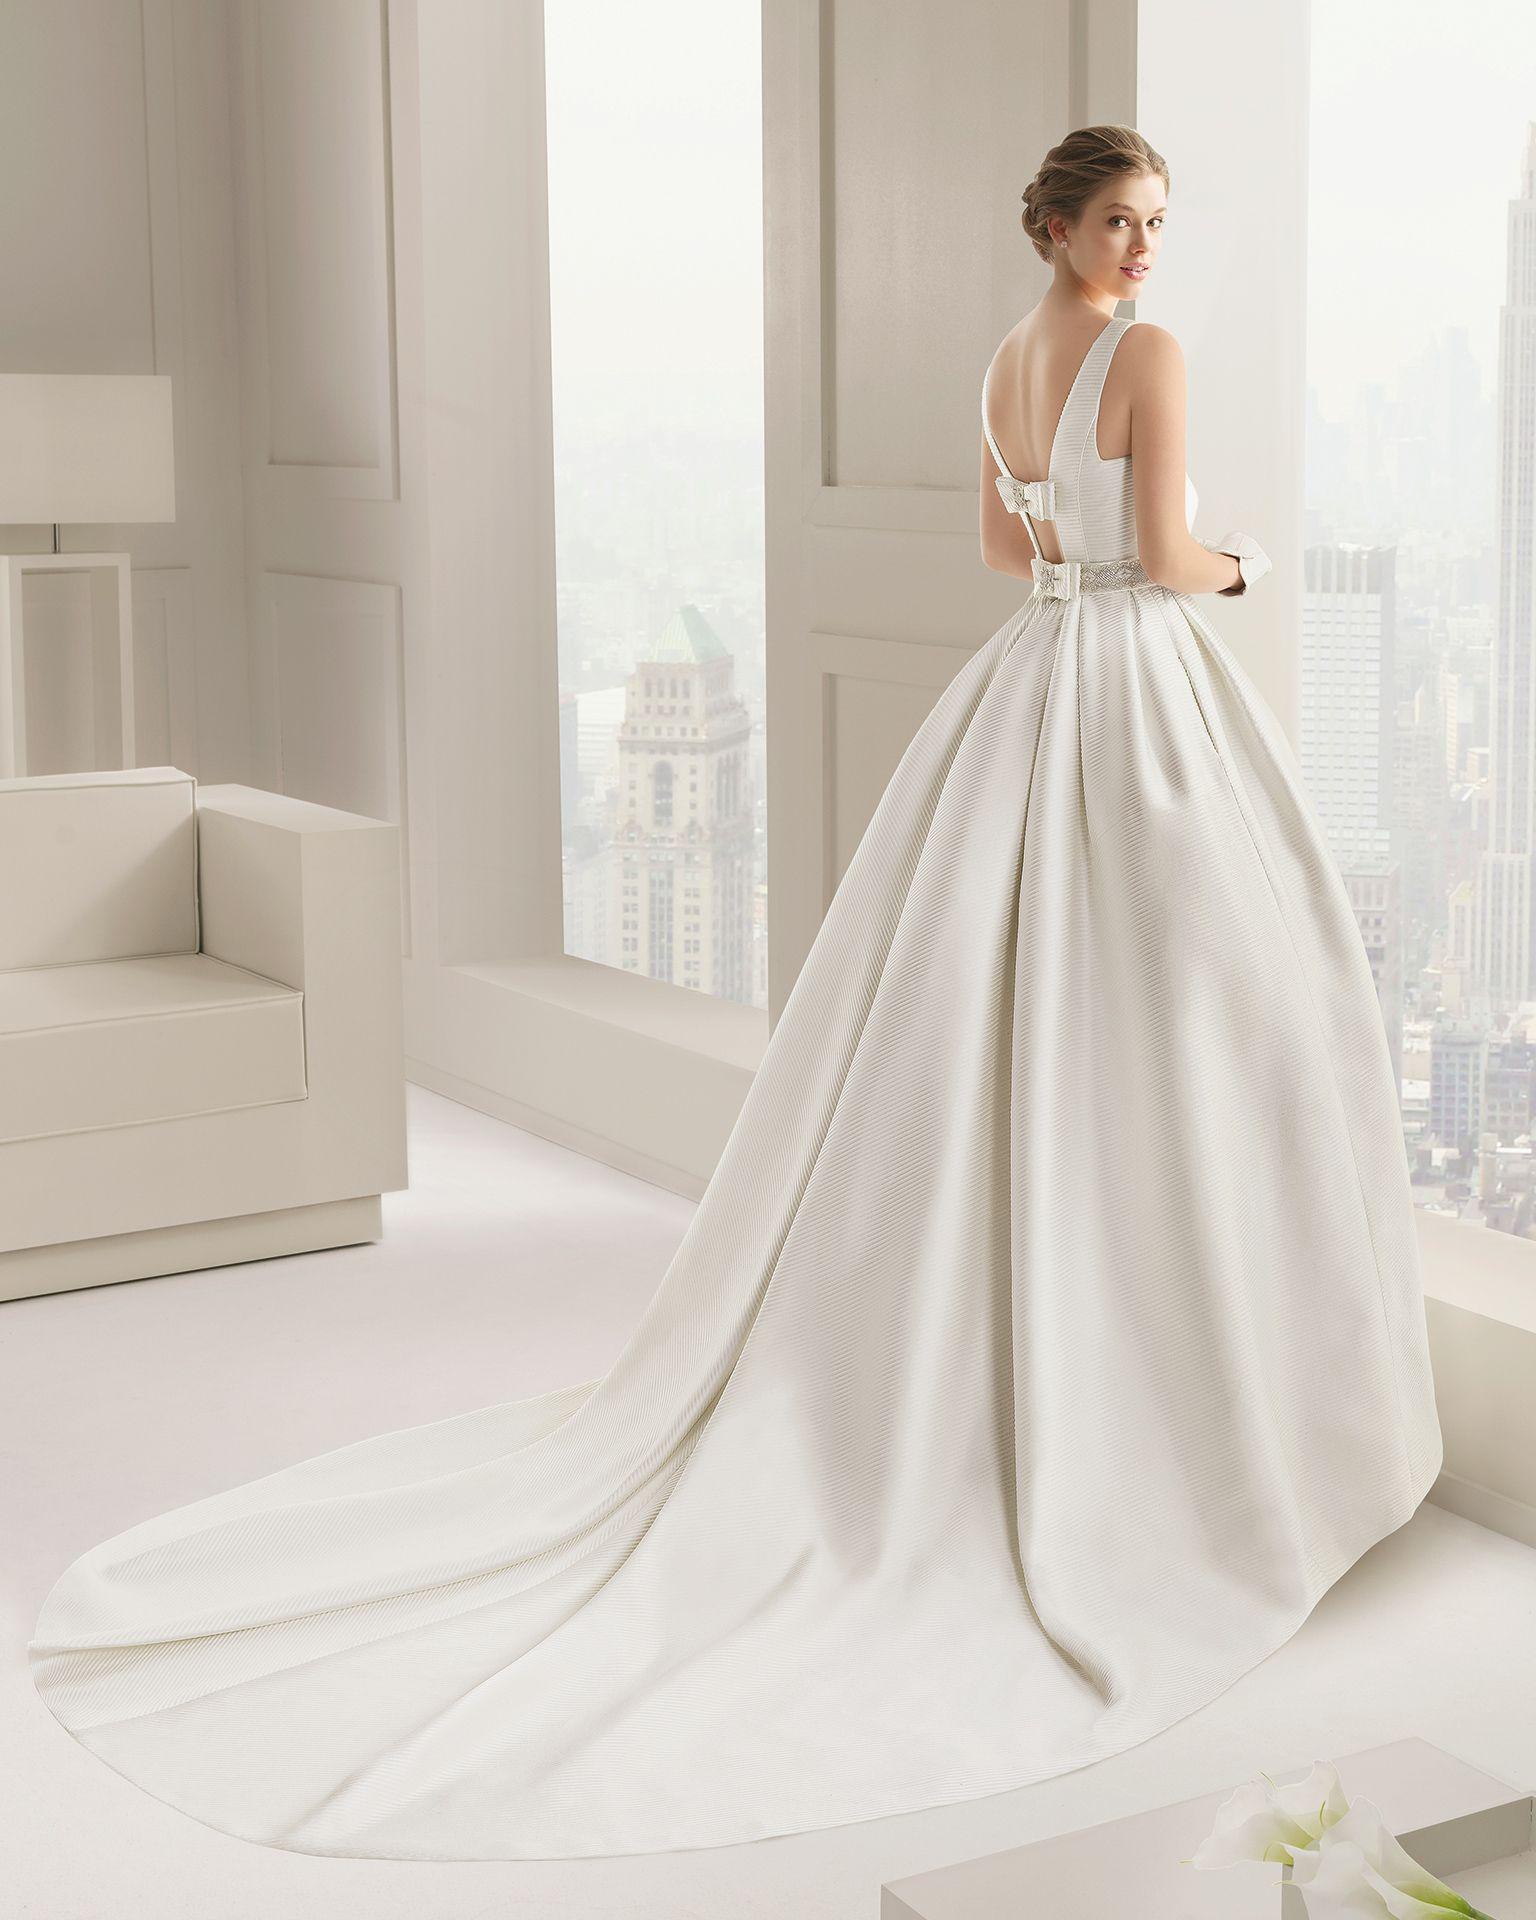 La sposa pandora wedding dress  Vestidos de novia y fiesta  Discover more ideas about Rosa clara